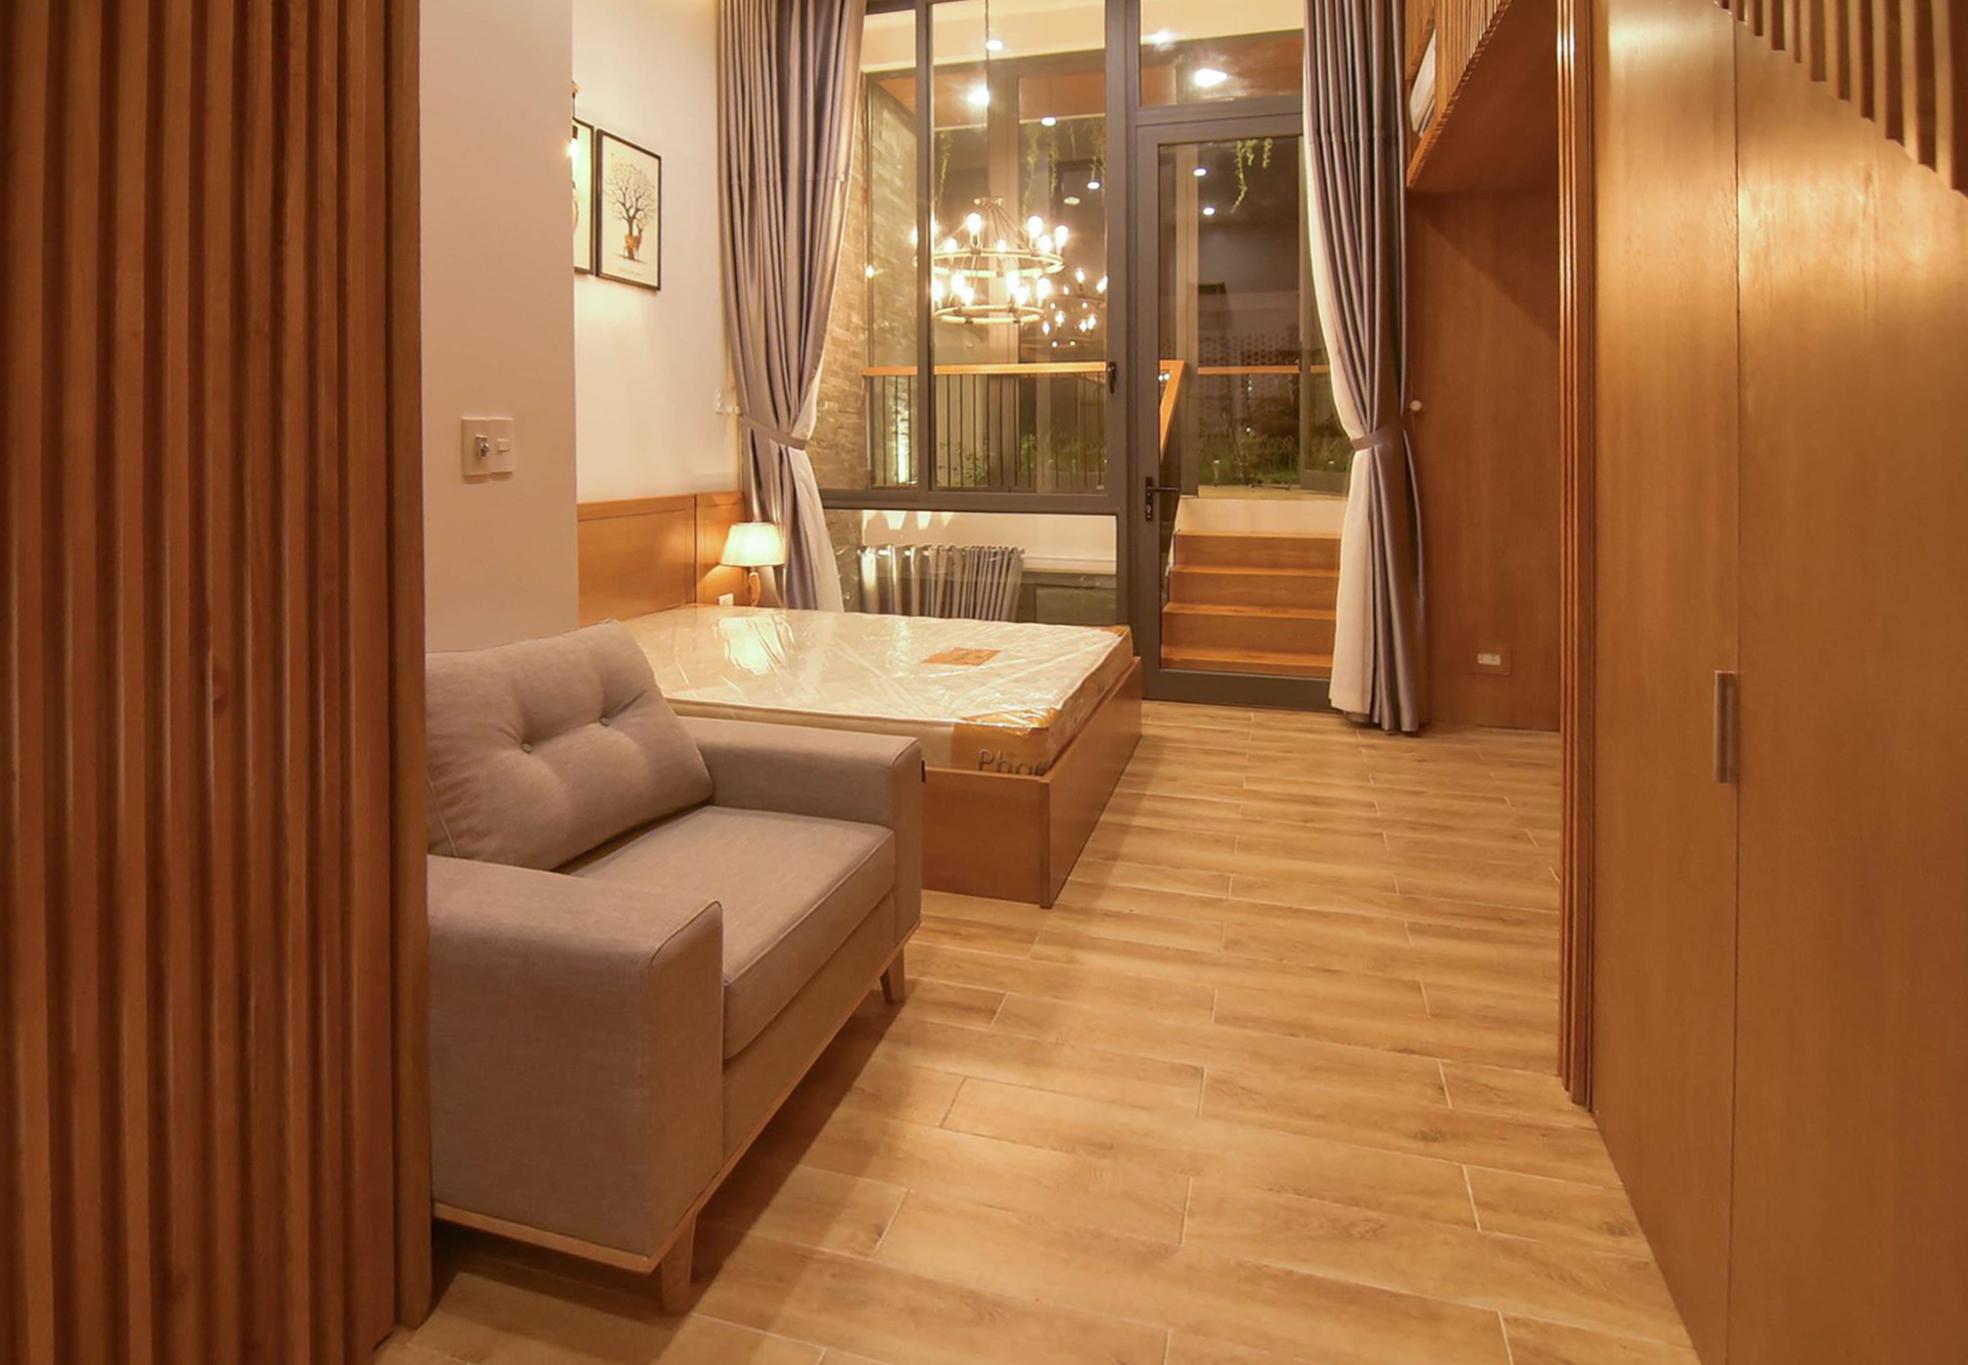 thiết kế Nhà Mặt Phố 3 tầng tại Đà Nẵng THE GARDEN HOUSE 16 1561348253